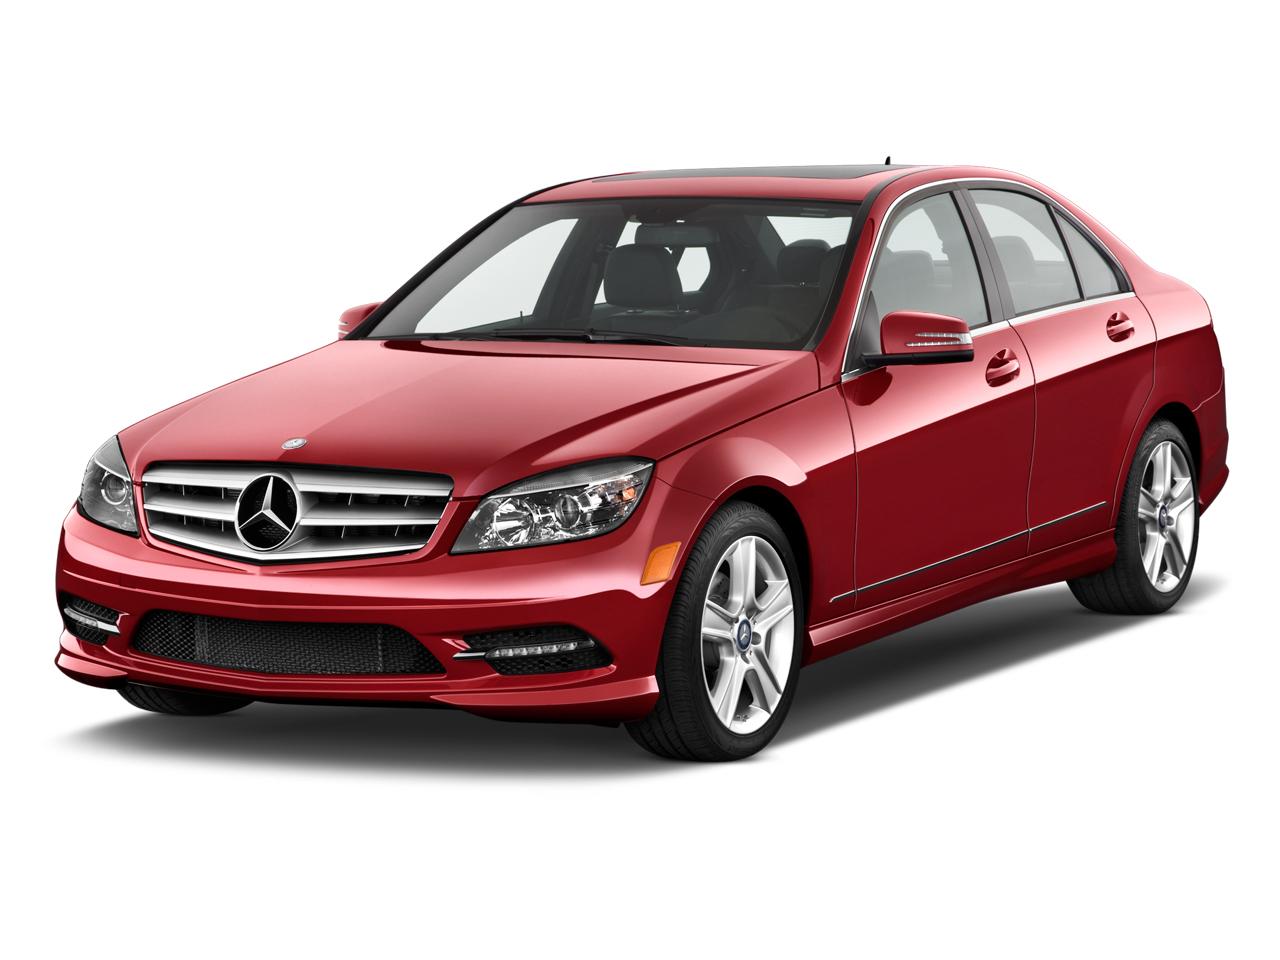 Fastest Bmw 0 60 >> Lojack: Mercedes C300 Most Stolen 2011 Luxury Model